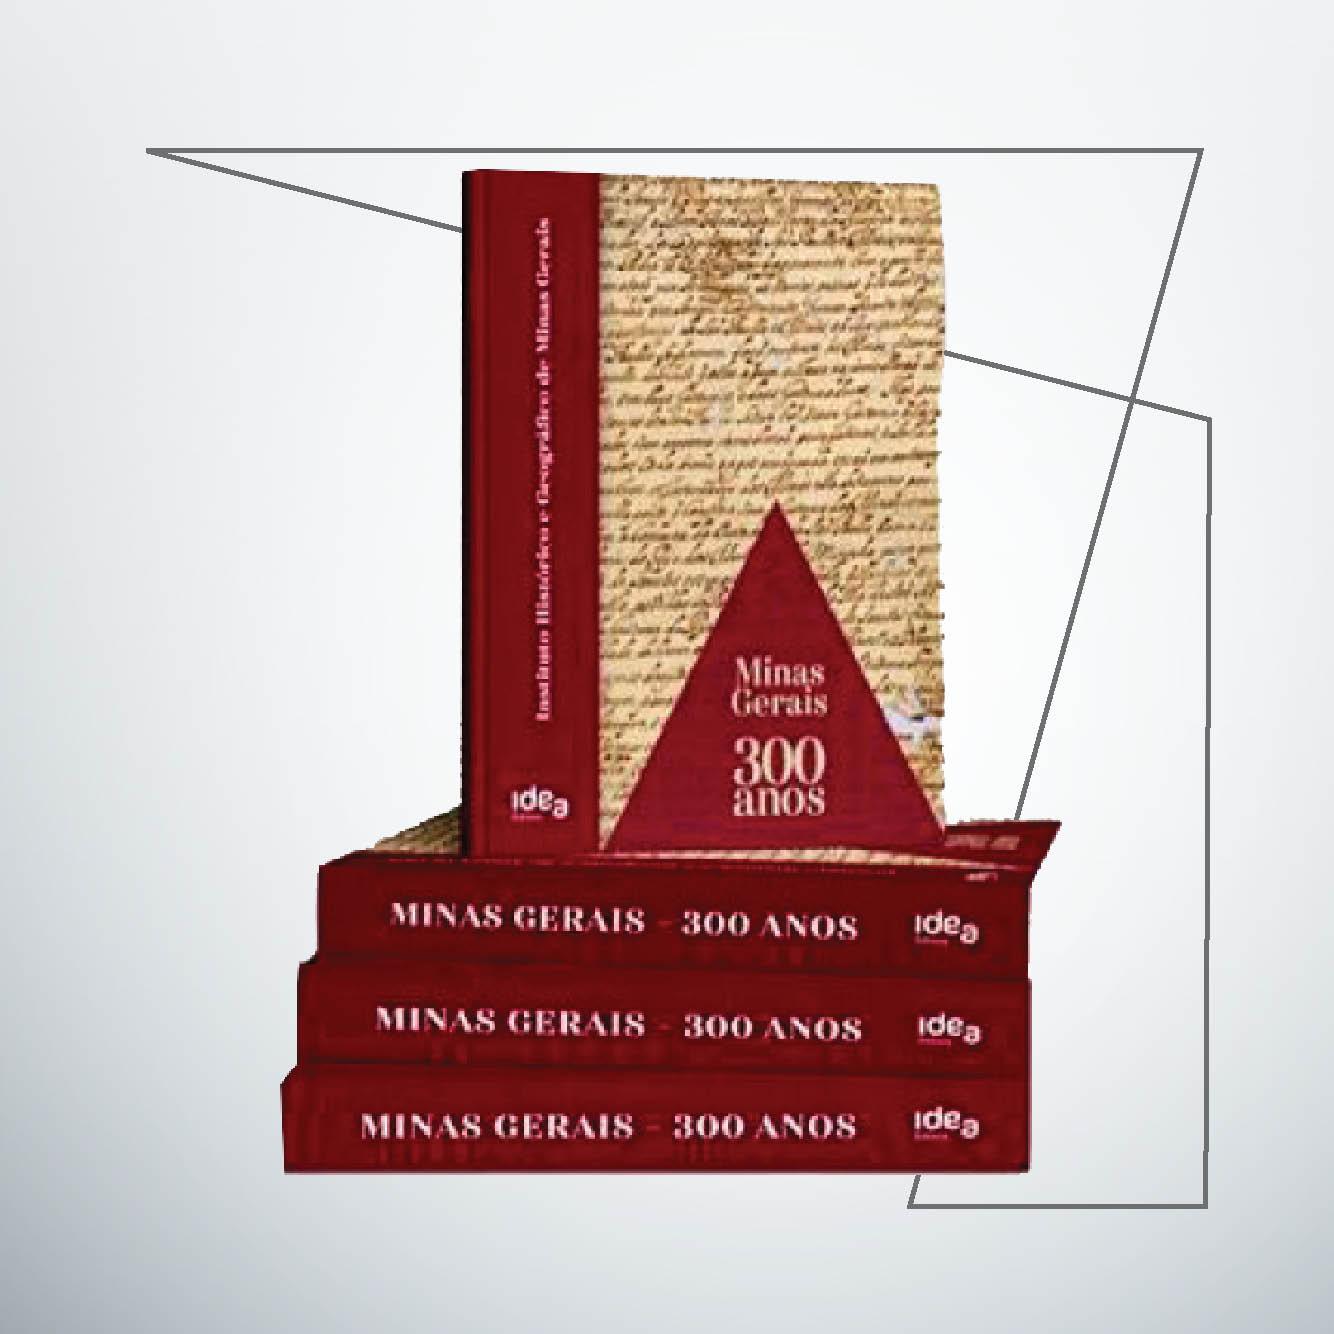 Evento: Instituto Histórico e Geográfico de MG lança o livro